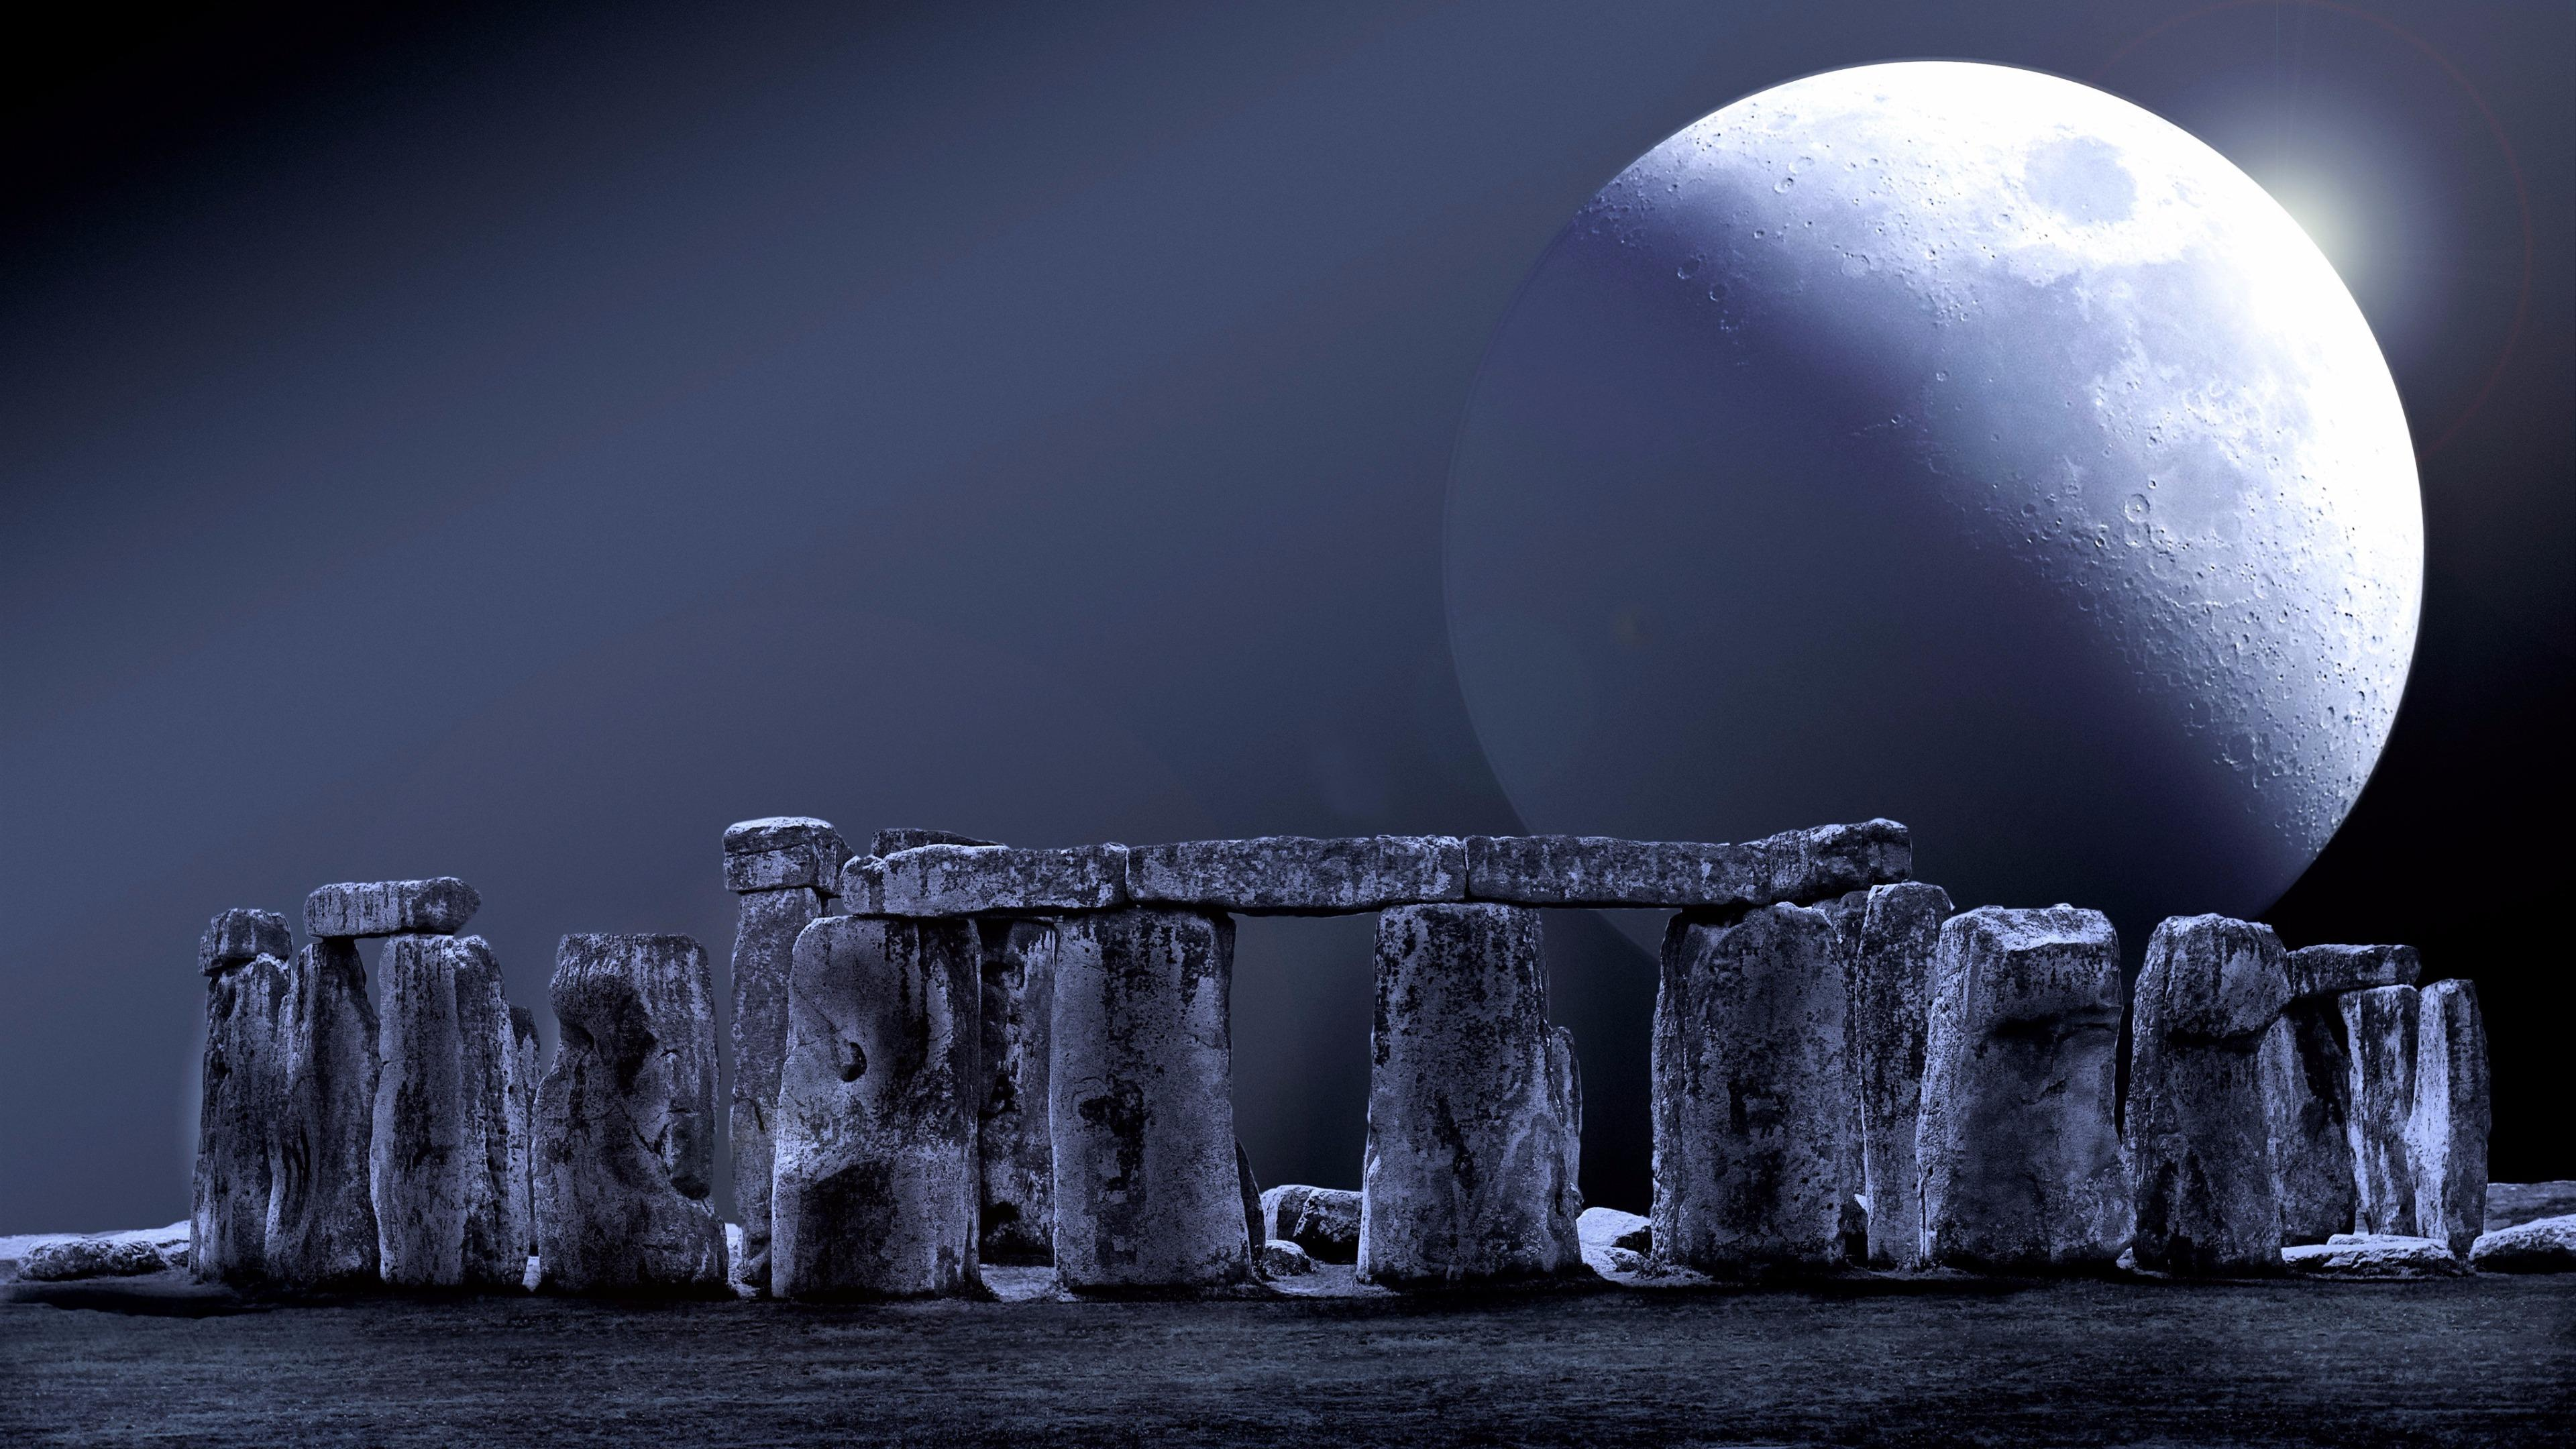 Stonehenge Wallpaper 23   3840 X 2160 stmednet 3840x2160